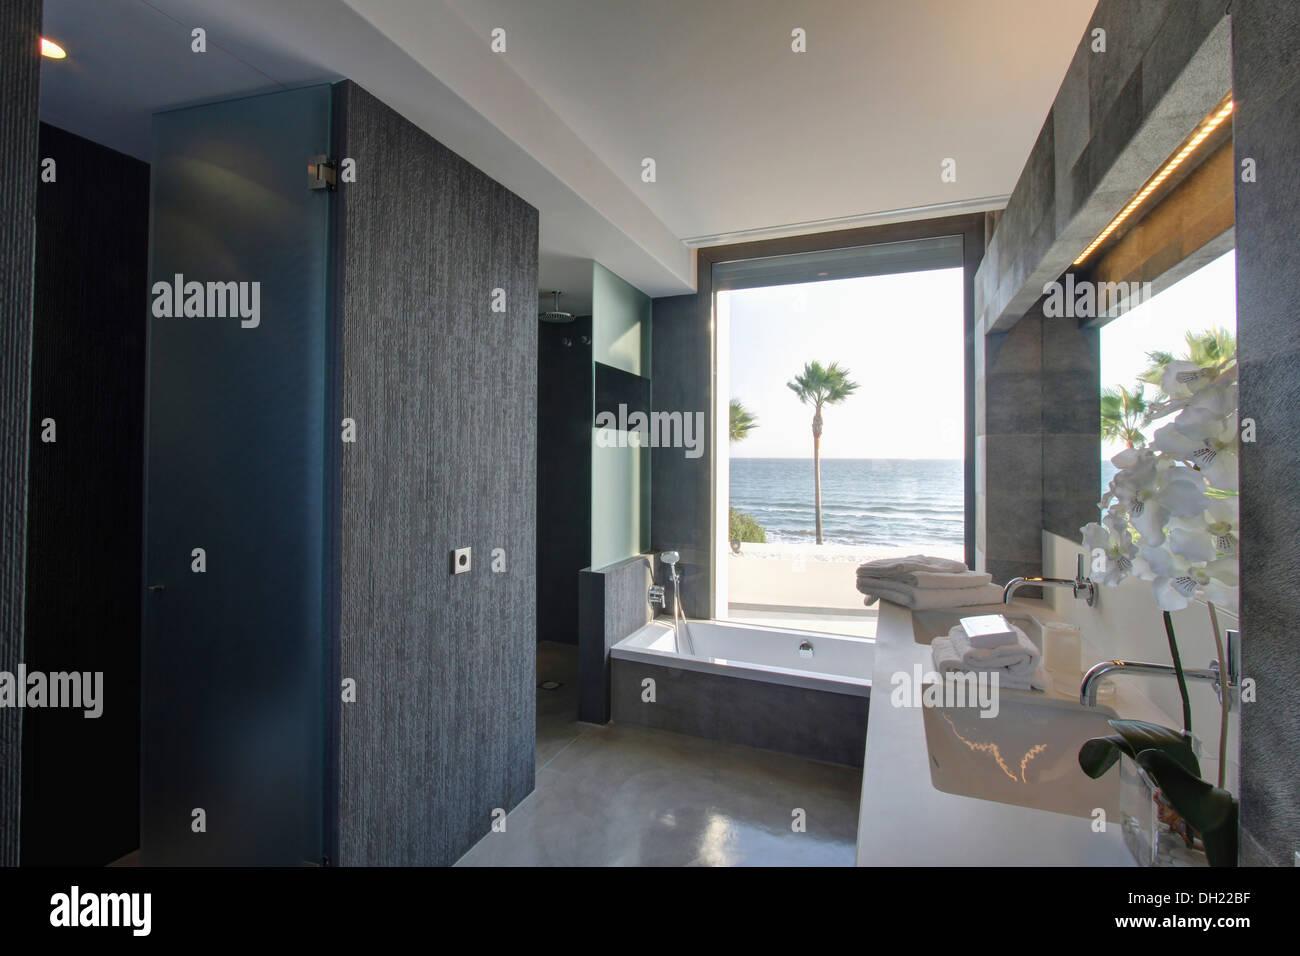 Vasca Da Bagno In Spagnolo : Grande armadio grigio in spagnolo moderno bagno con vasca sotto la